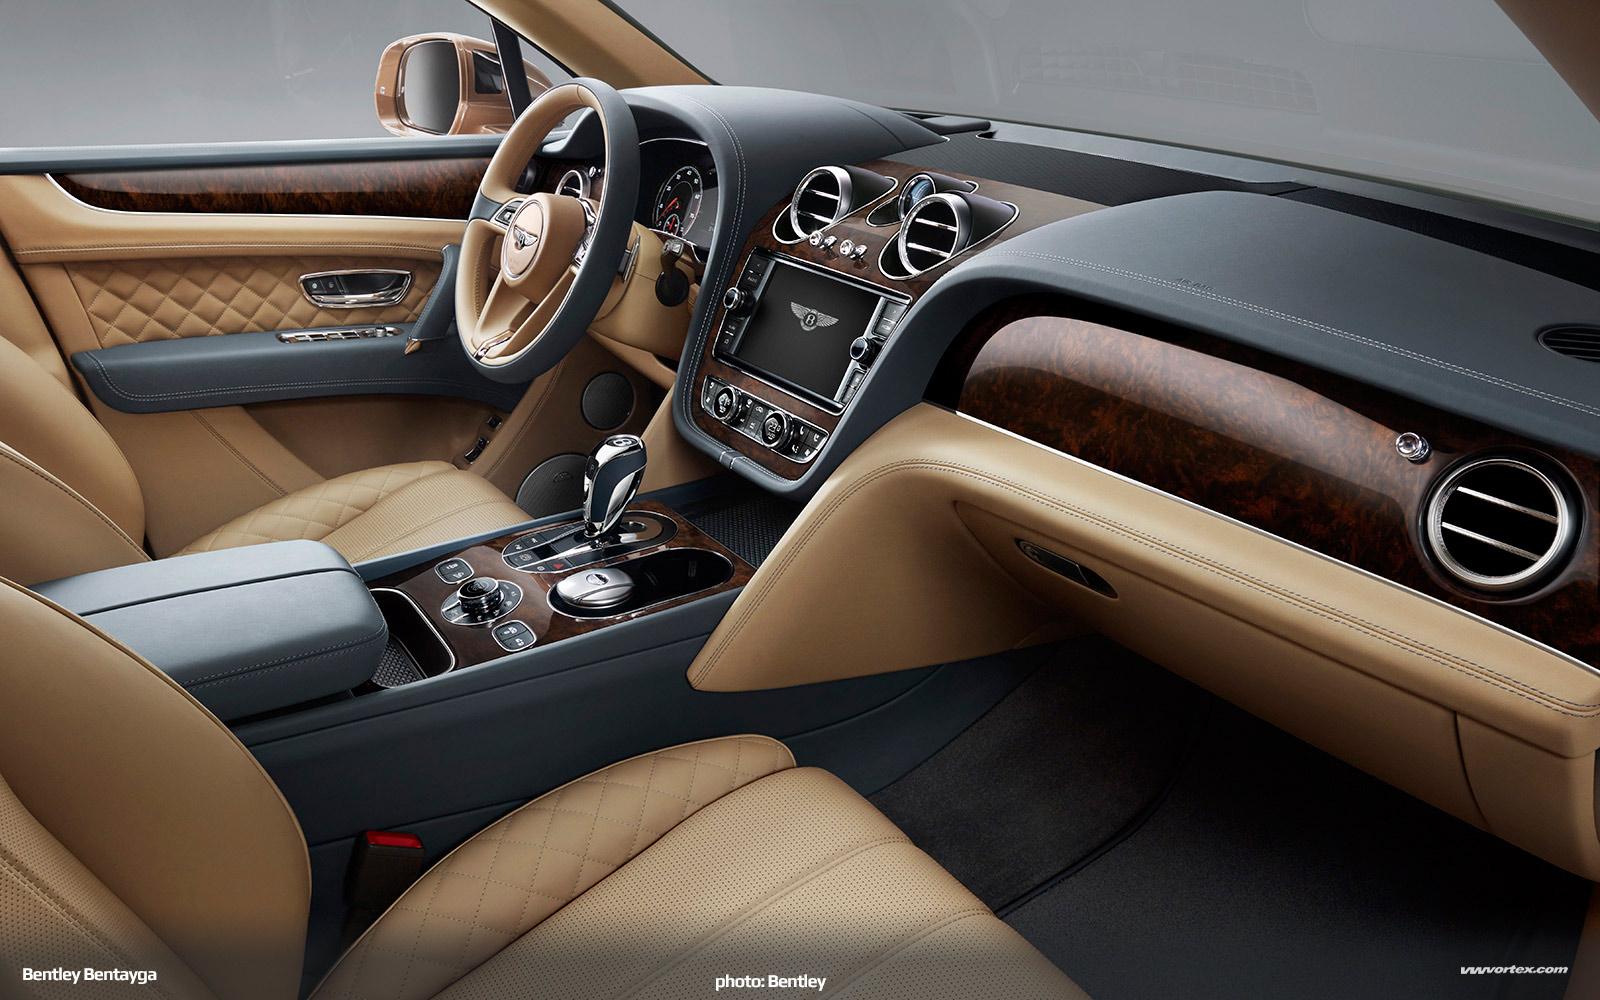 Bentley-Bentayga-SUV-crossover-2016-443